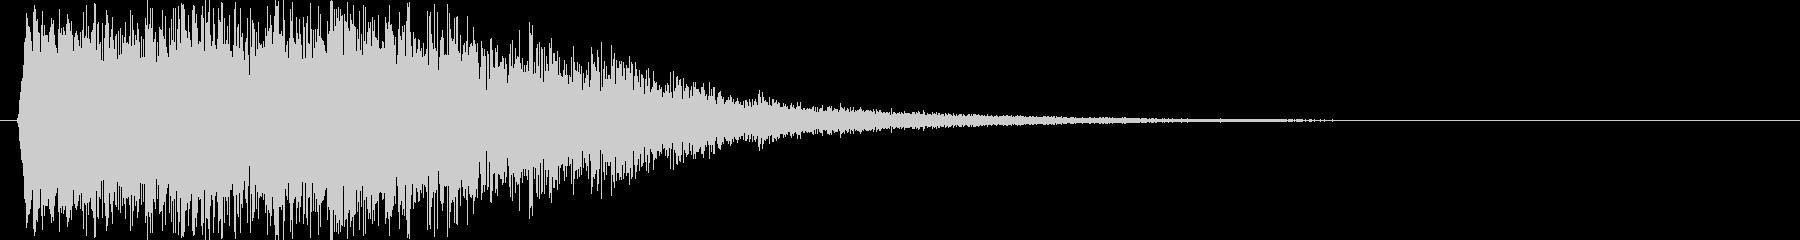 ピコピコ音のパワーアップ コミカル 派手の未再生の波形